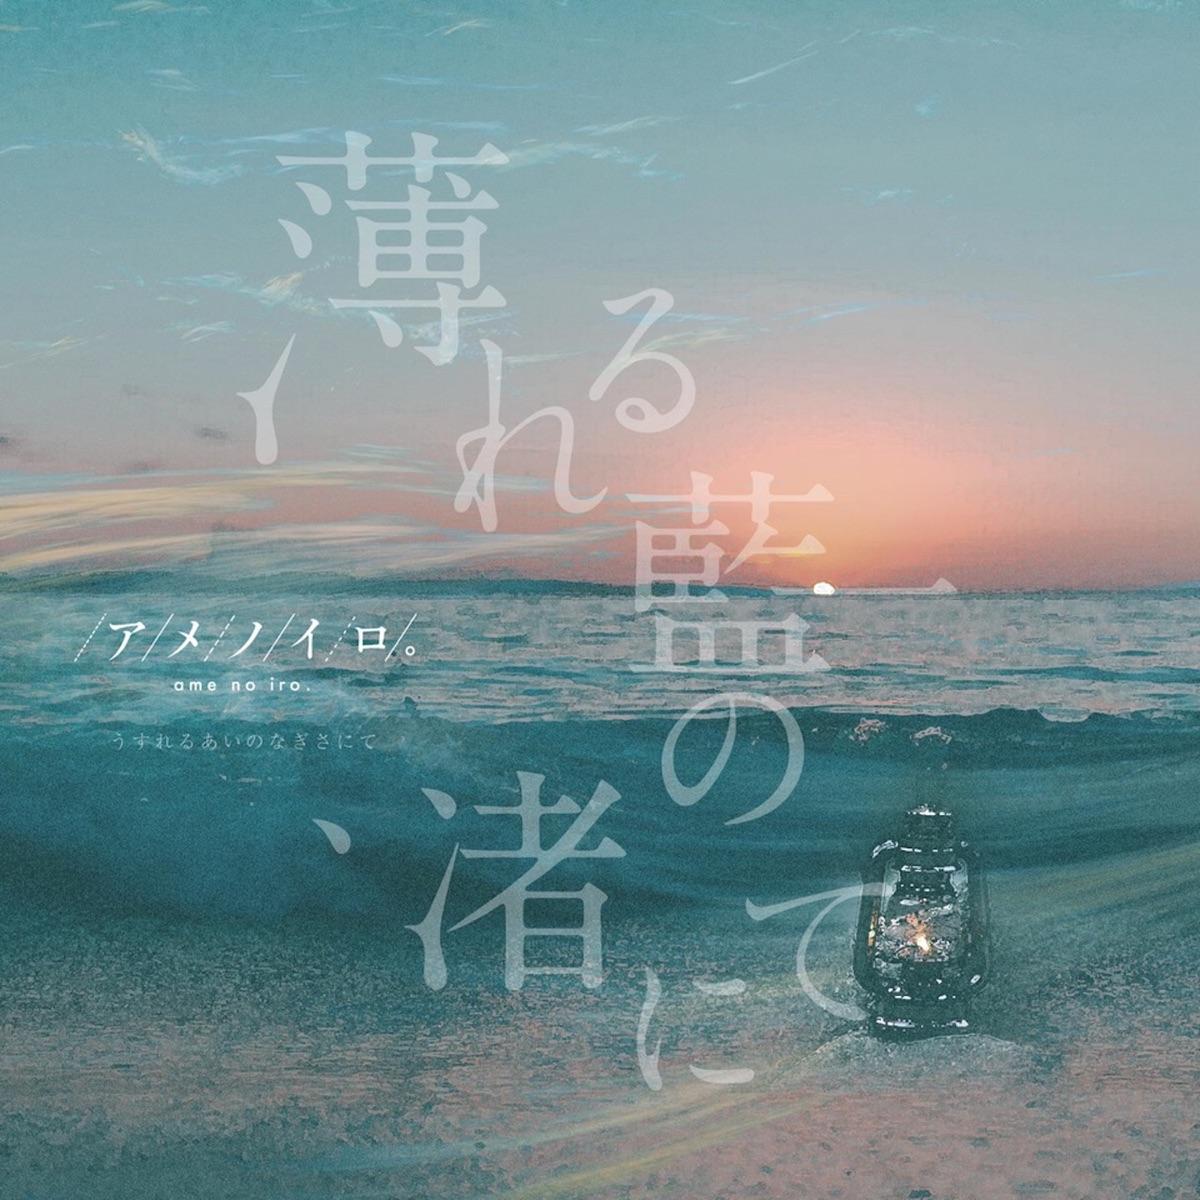 『アメノイロ。 - インスタントカメラ』収録の『薄れる藍の渚にて』ジャケット